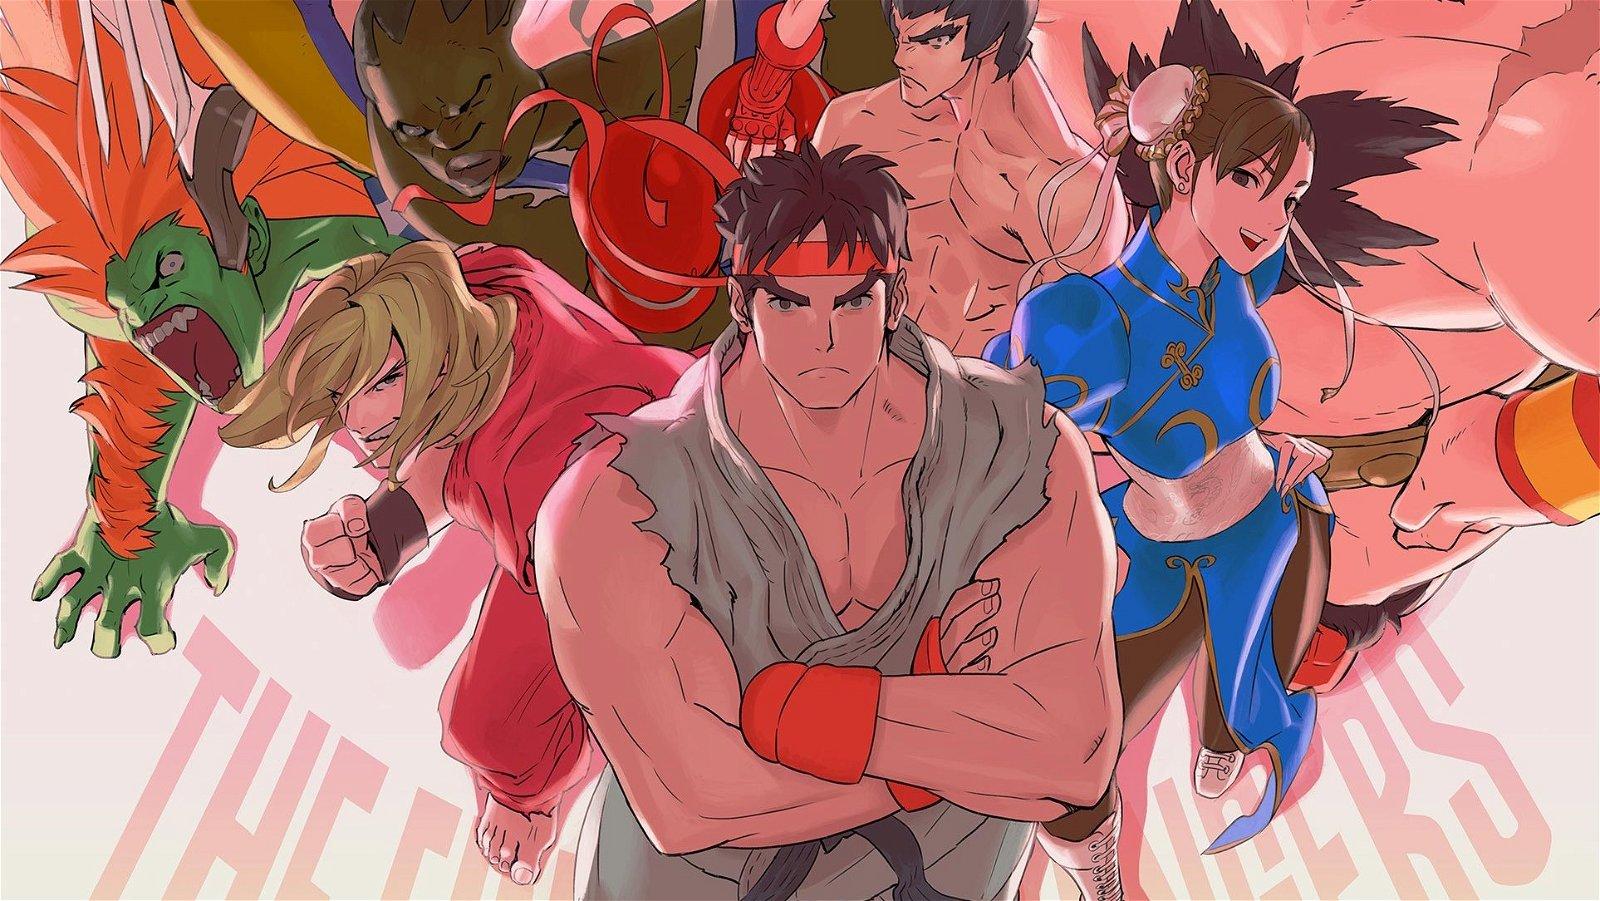 AlfaBetaTOP de Ultra Street Fighter II: The Final Challengers. ¿Lo solucionarás?